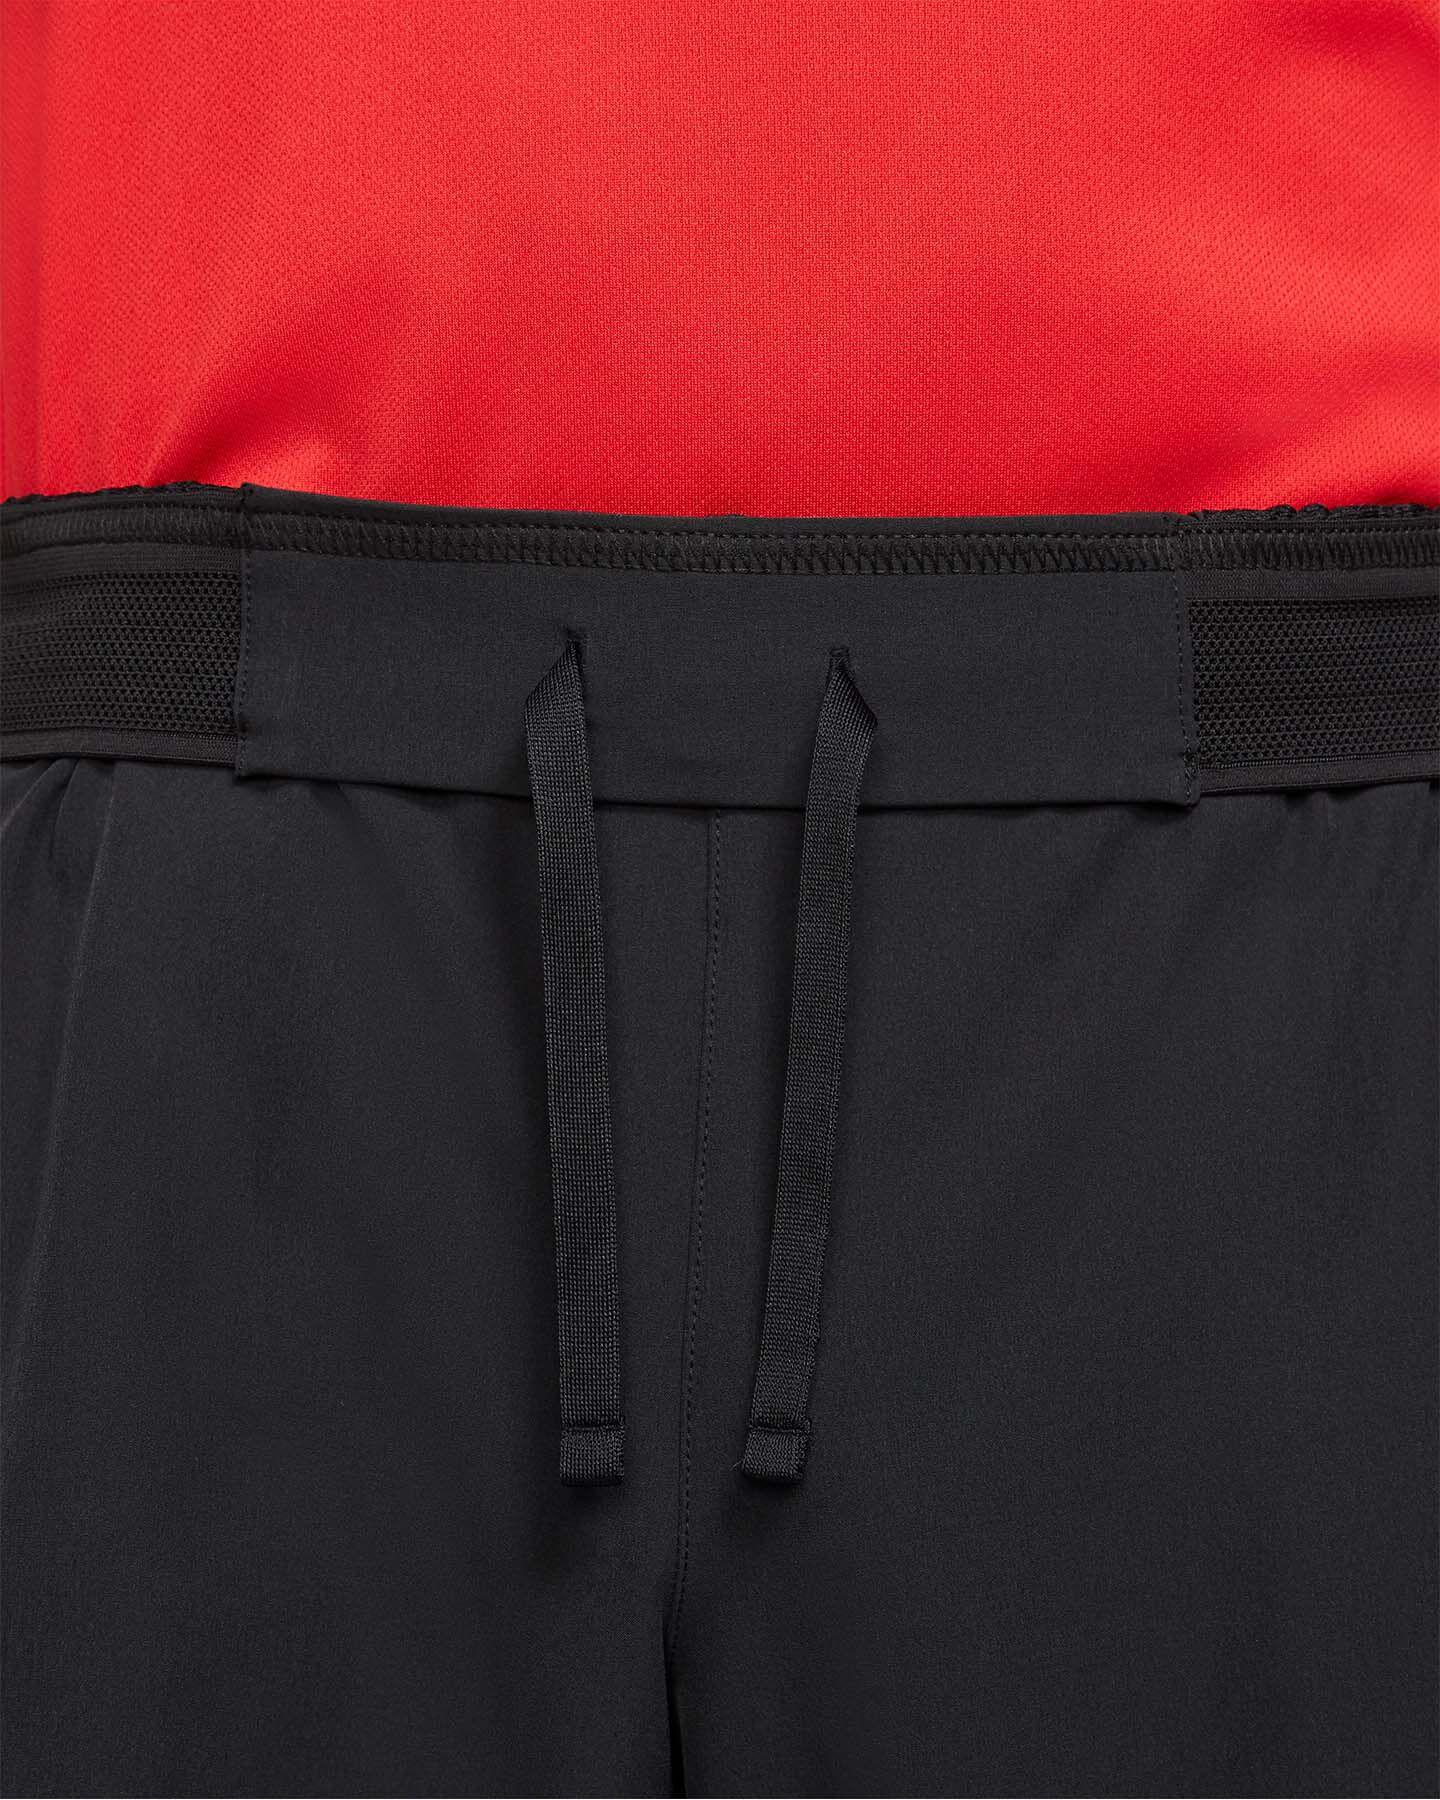 Pantaloncini tennis NIKE ADV FLEX 9IN  M S5269283 scatto 3